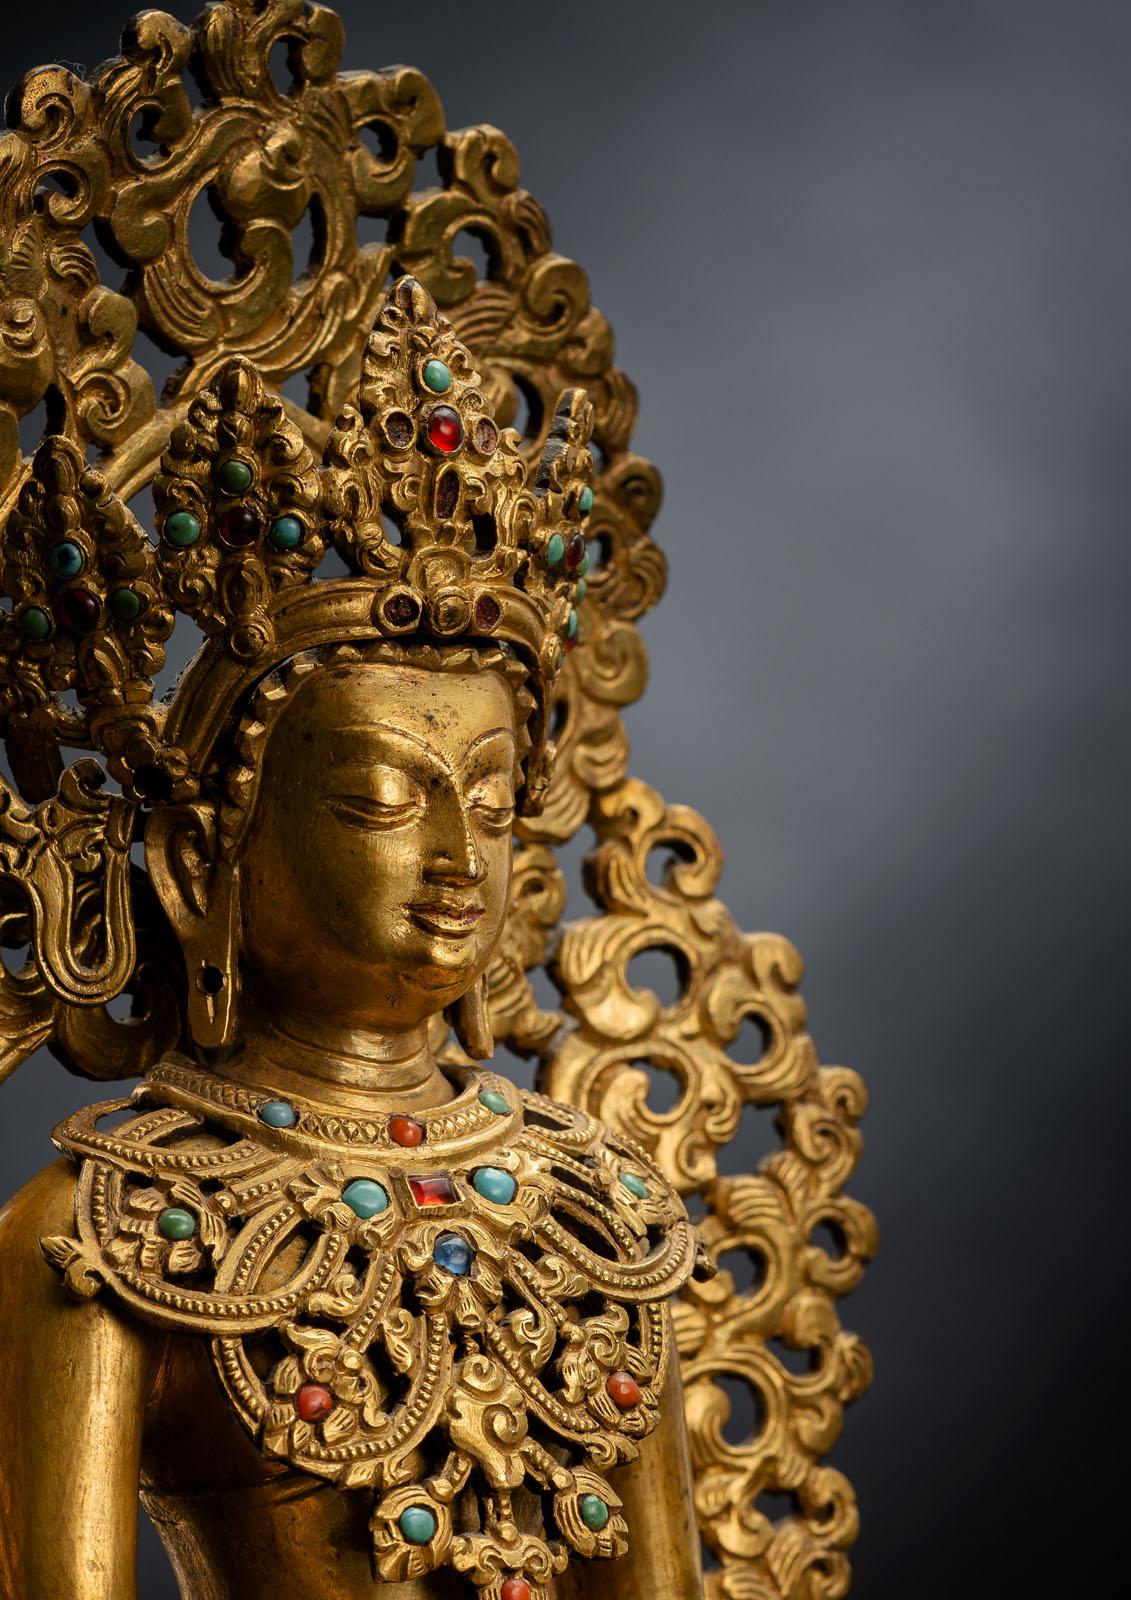 A FINE GILT-BRONZE FIGURE OF BUDDHA SHAKYAMUNI - Image 3 of 4